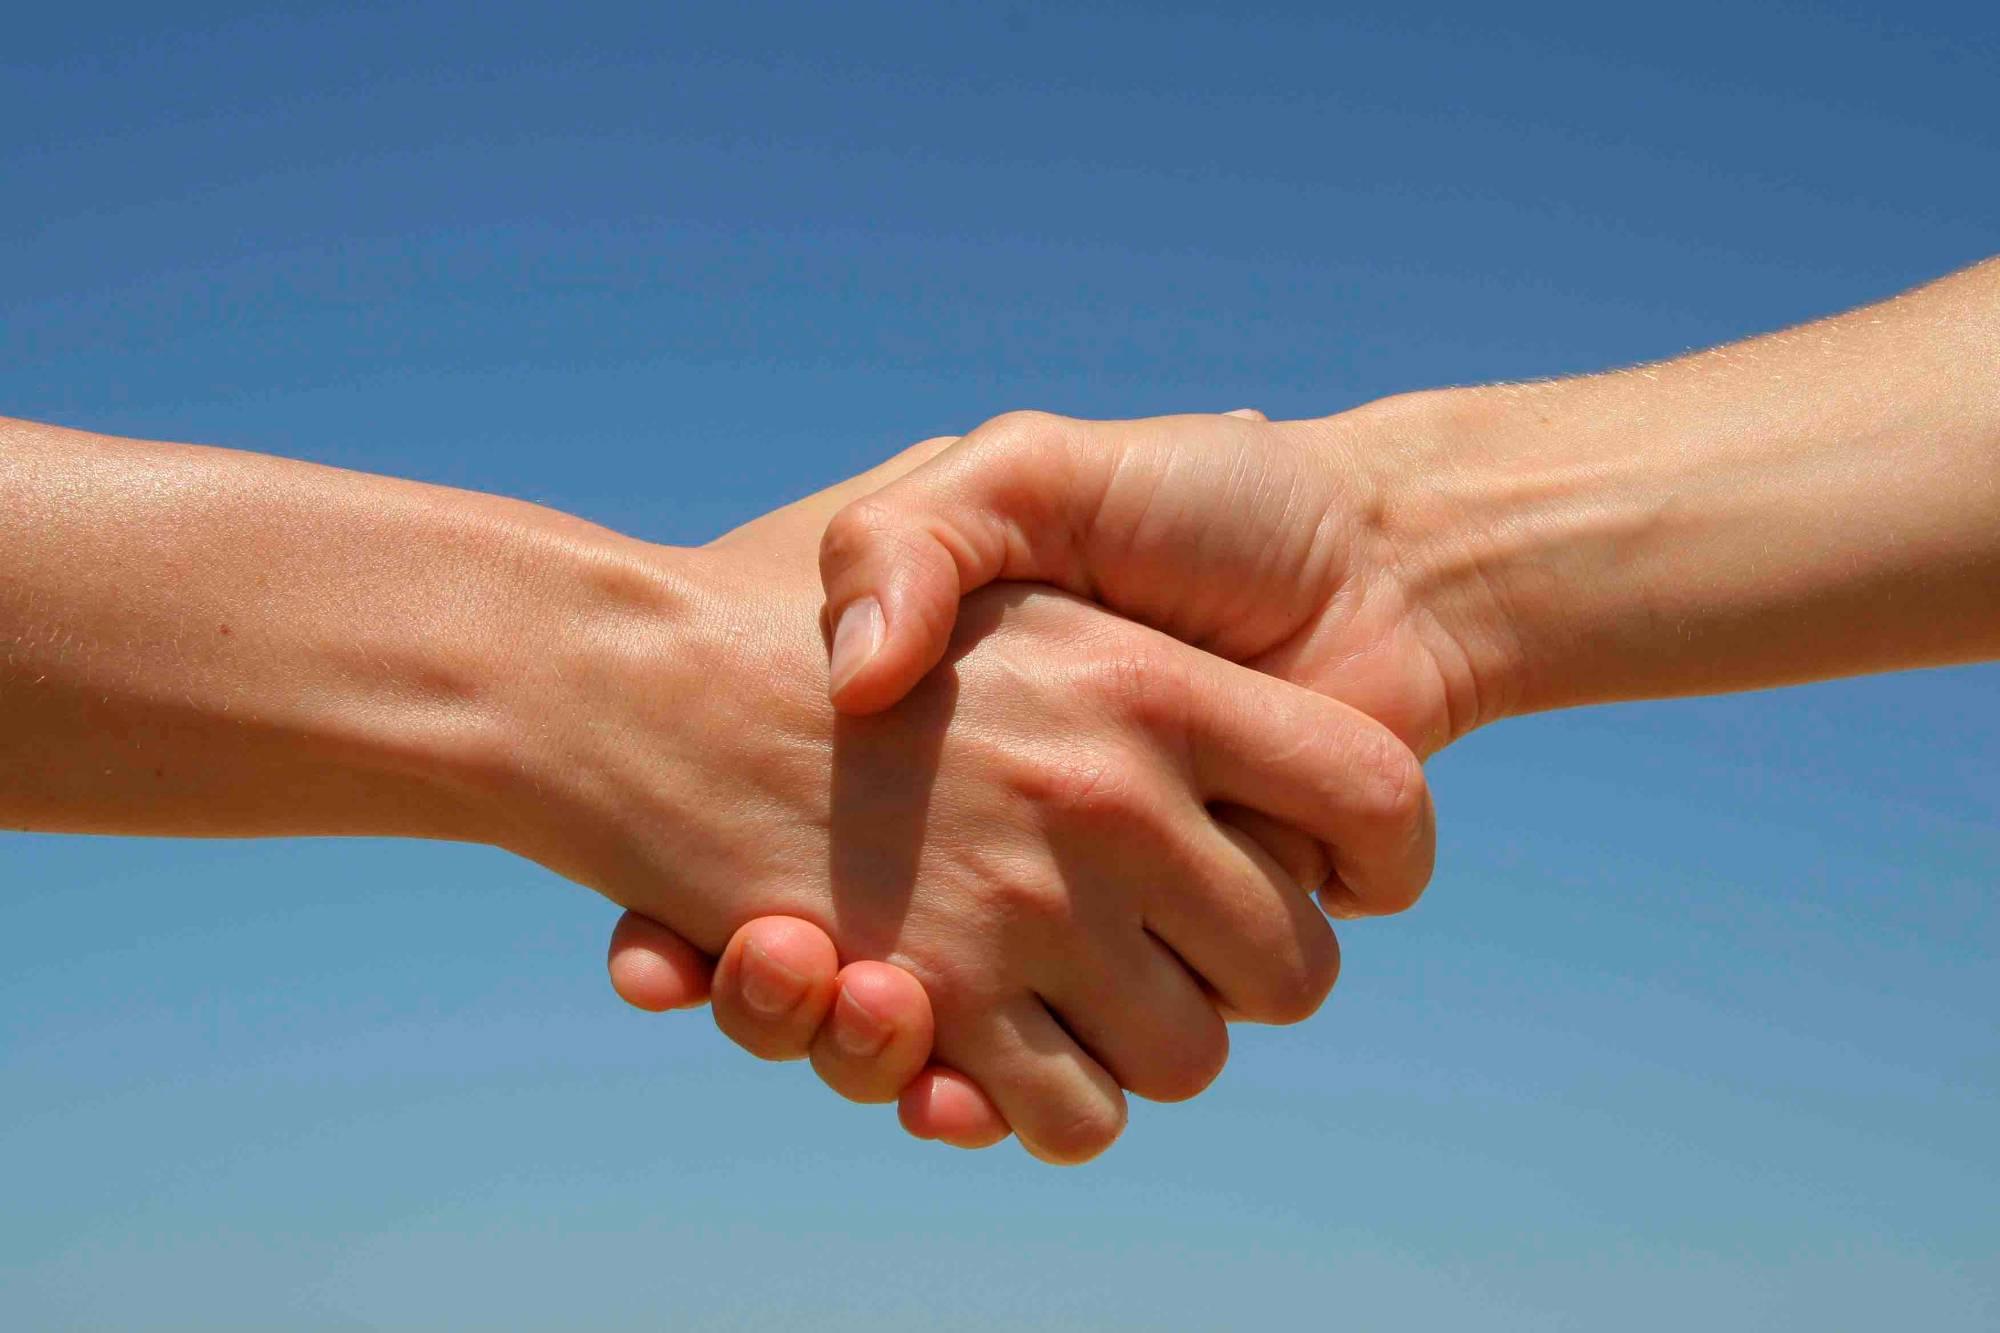 دستیابی به عشق,رابطه عاشقانه,شروع یک رابطه موفق